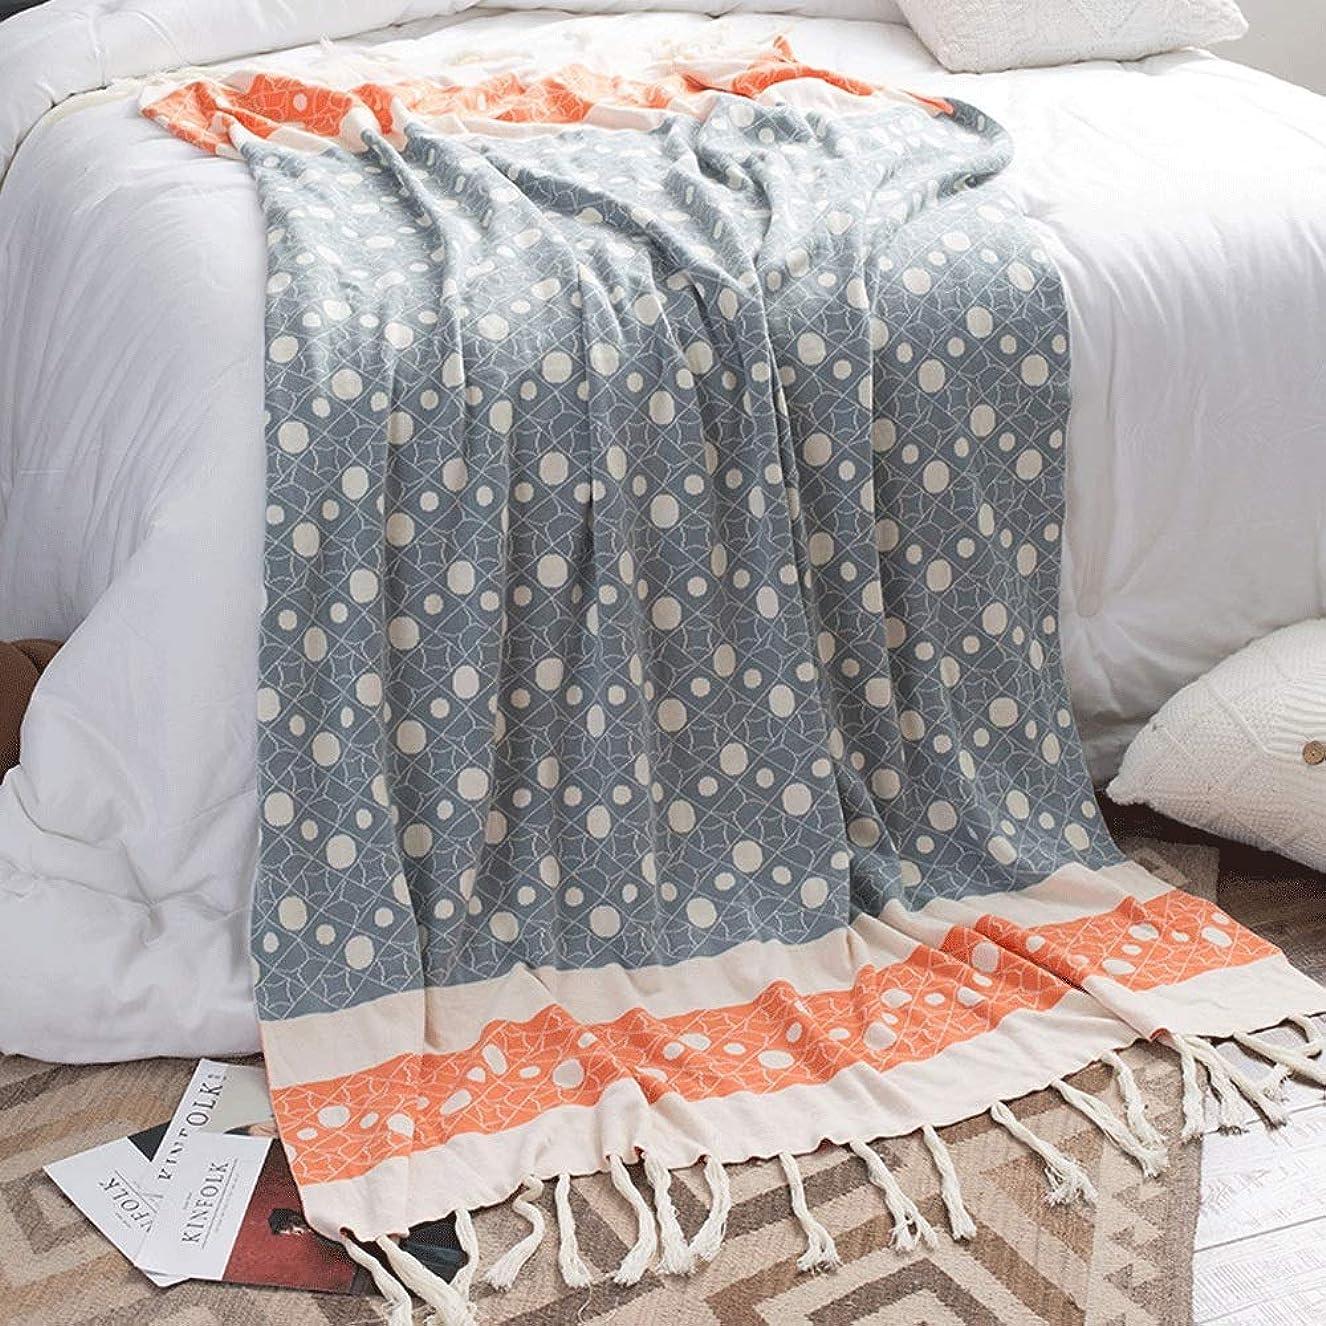 マサッチョ一次複数多機能 ソファー ブランケット 130センチ×180センチソフトコットンニット投球毛布ソファソファの装飾毛布多機能レジャー毛布昼寝毛布旅行毛布 (Color : Blue, Size : 130cmx180cm)